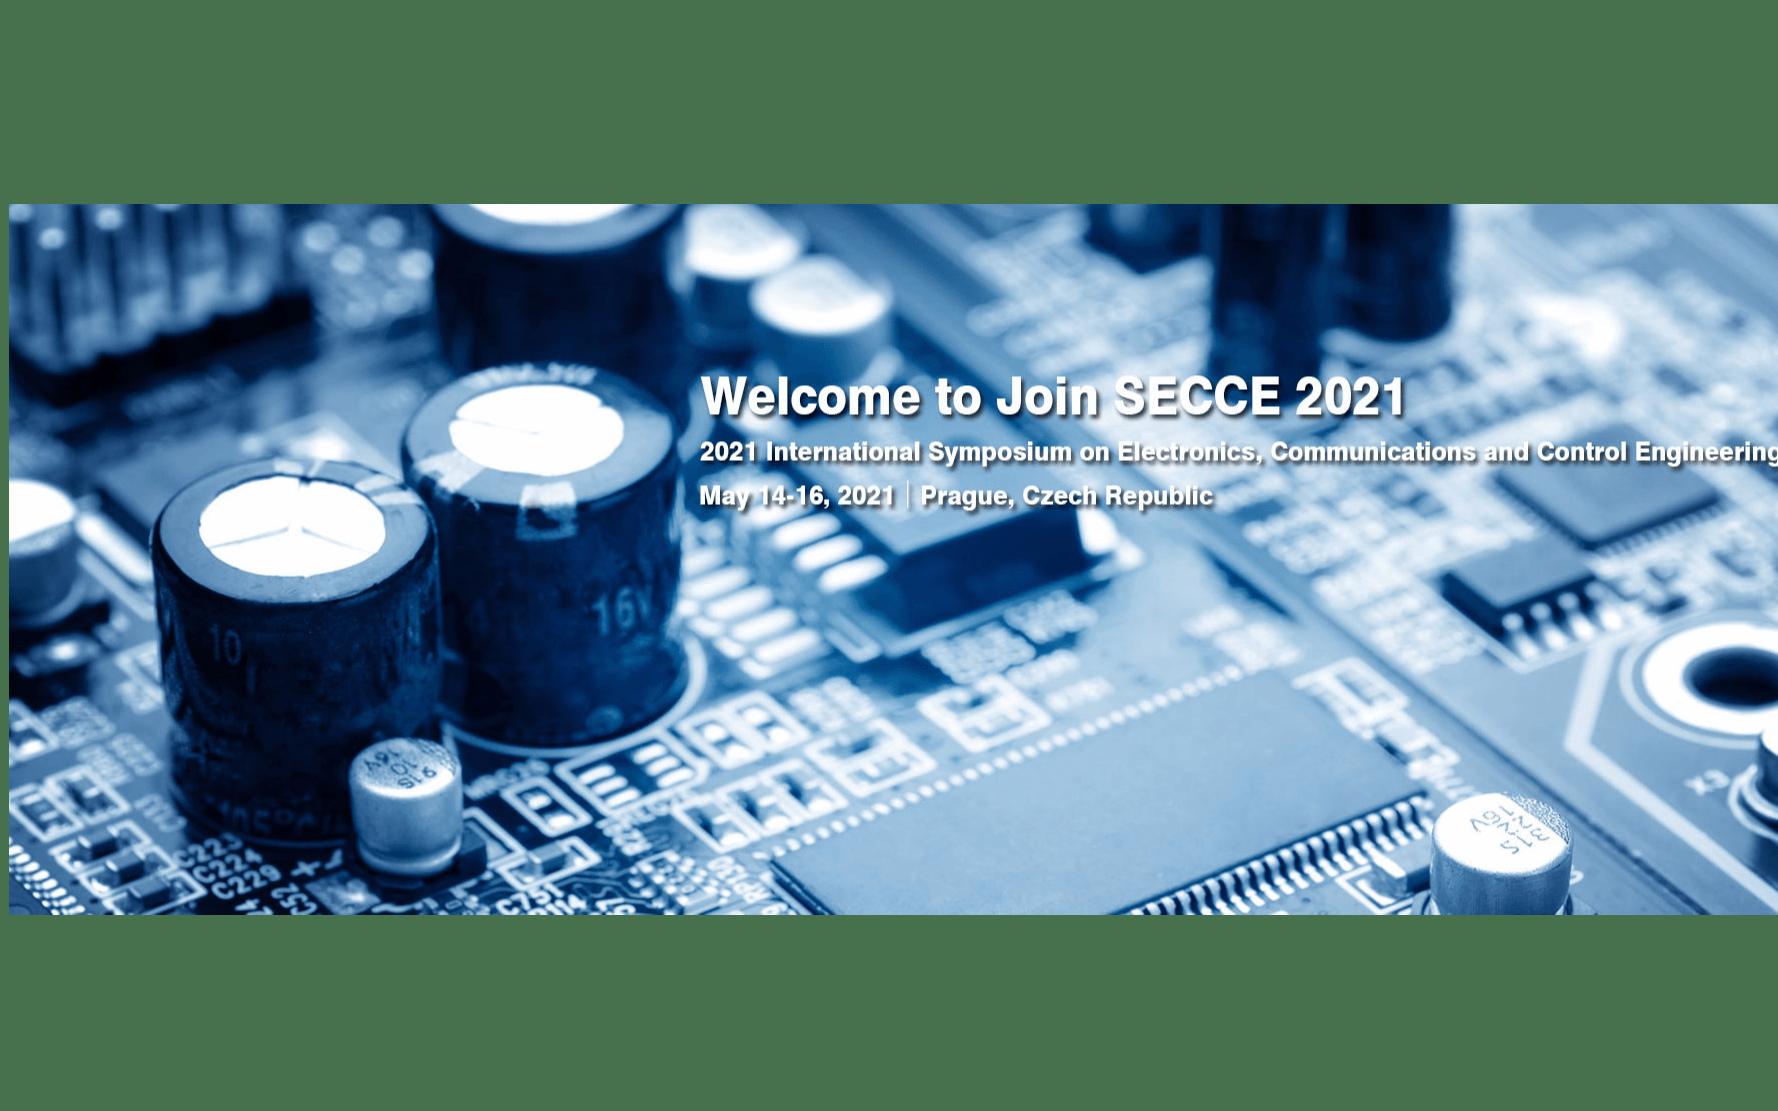 【EI会议】2021年电子,通信与控制工程国际研讨会(SECCE 2021)